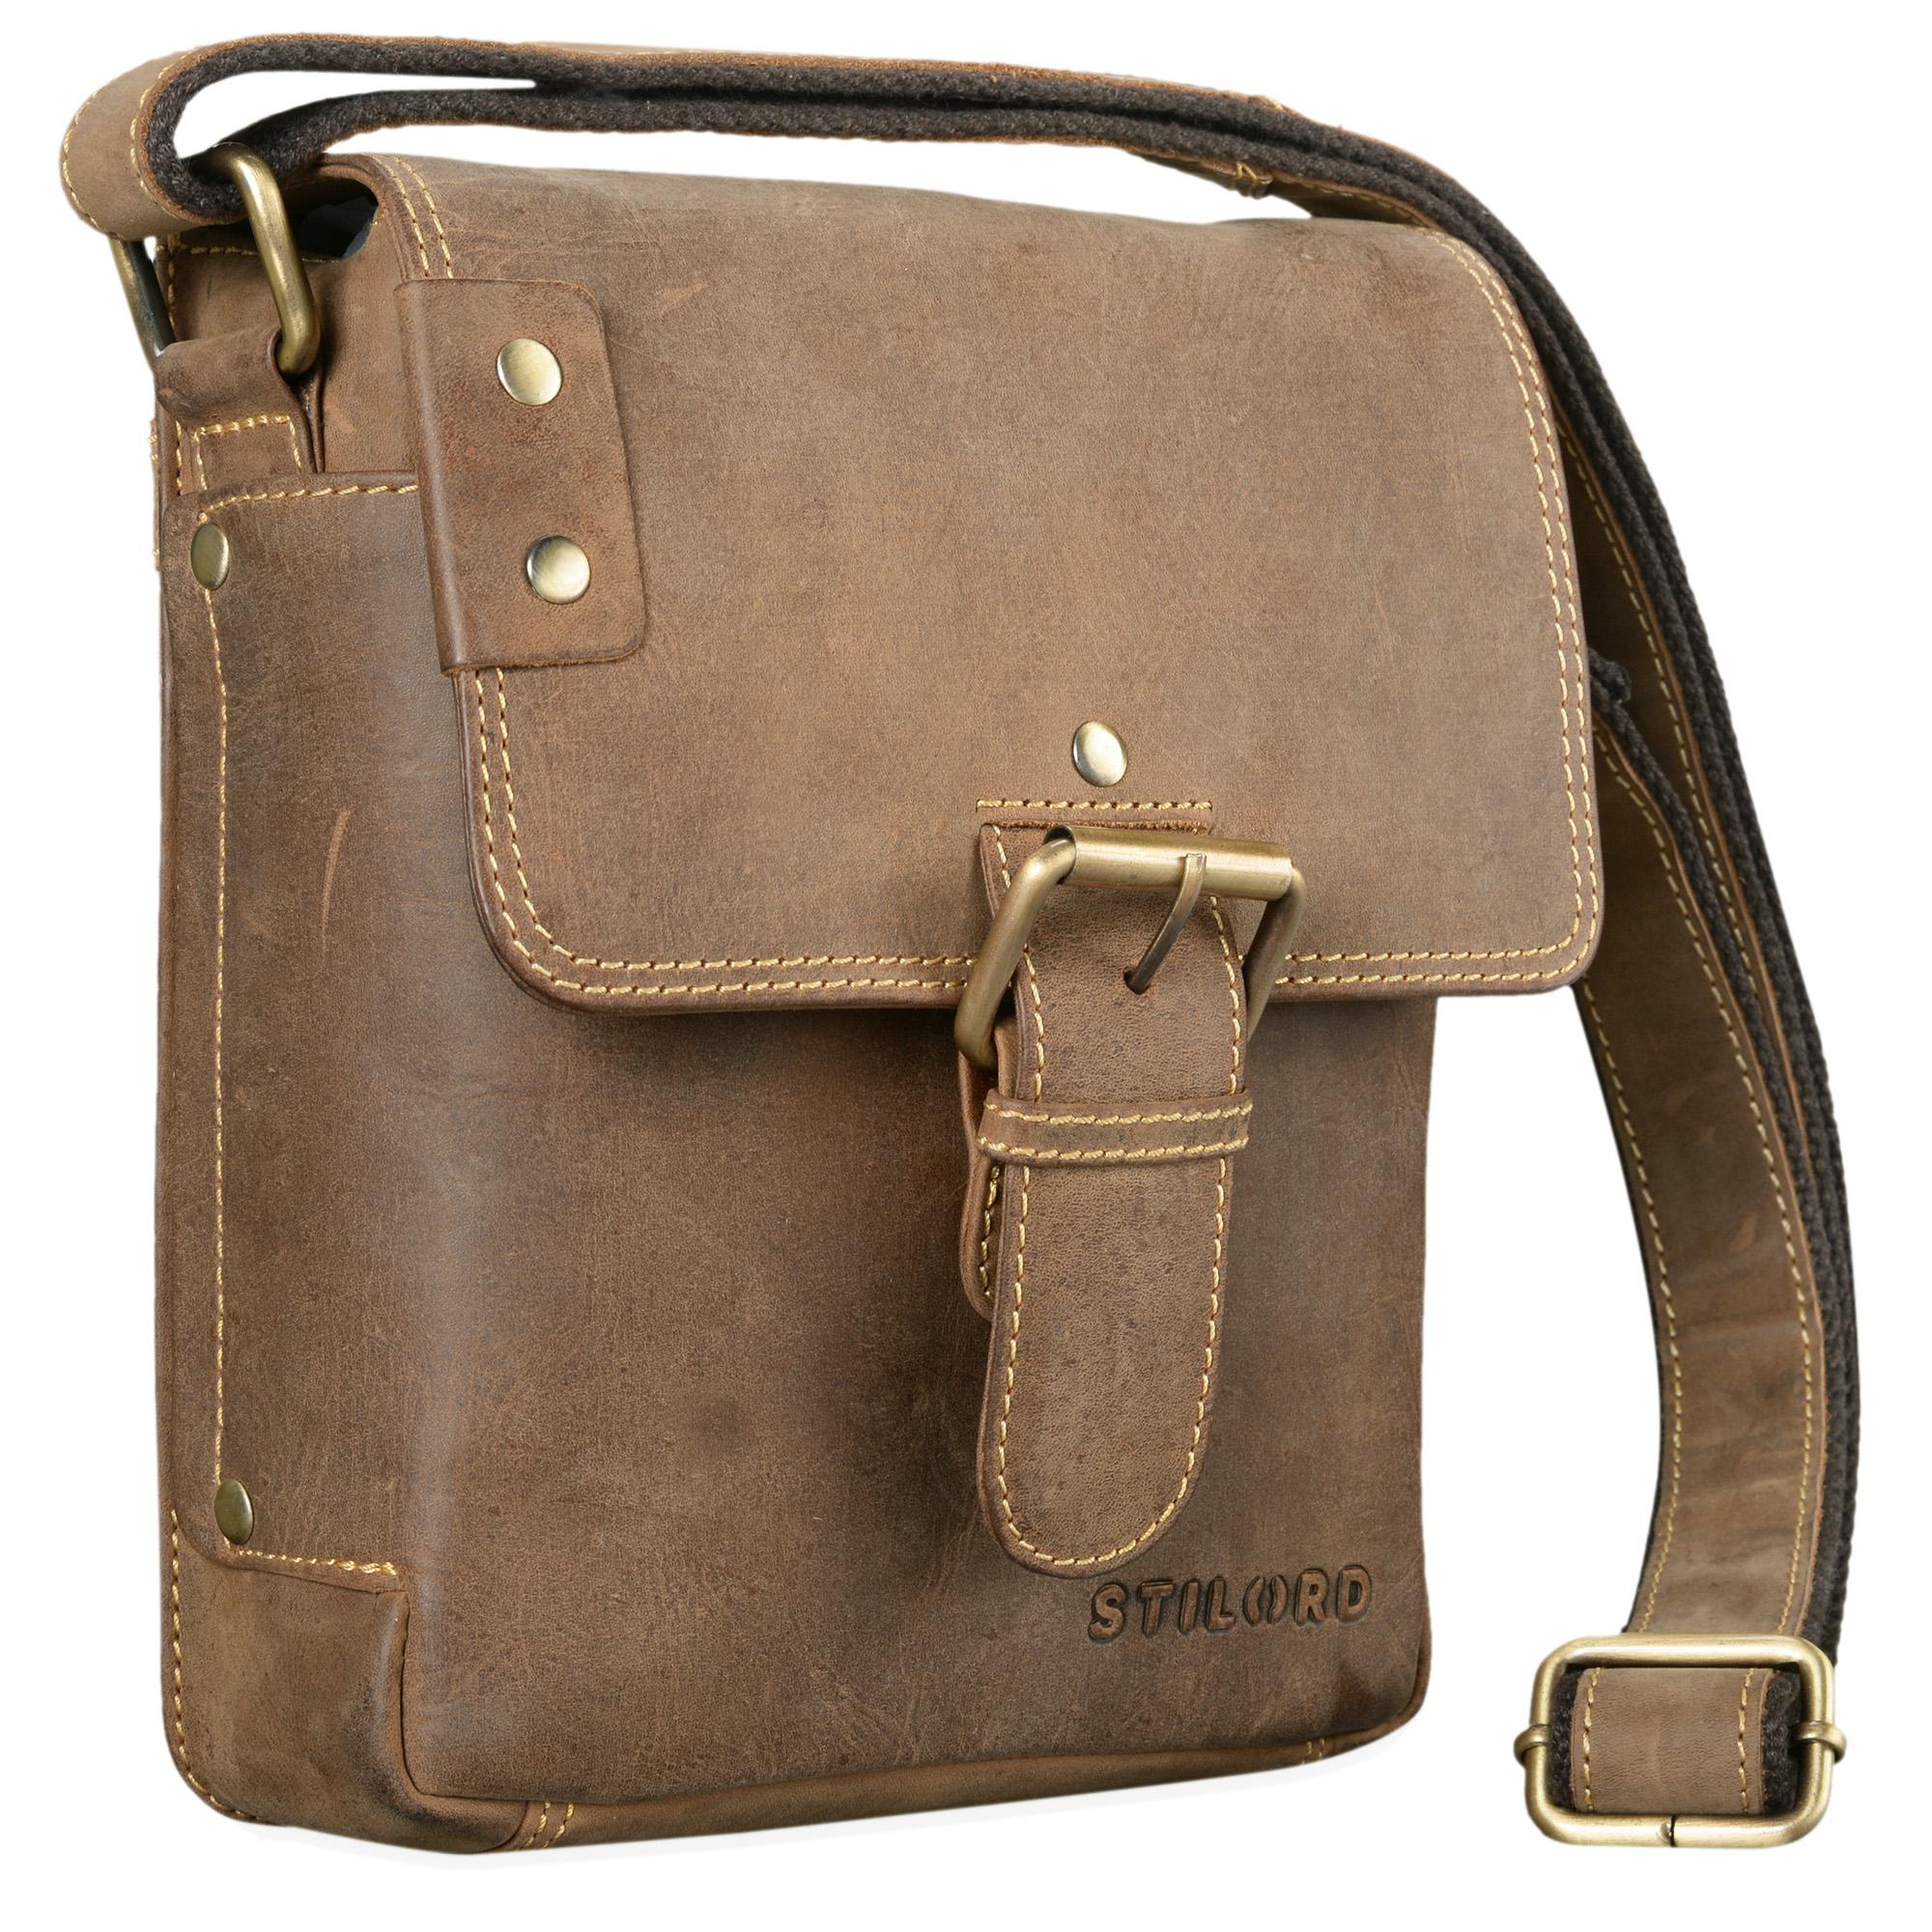 """STILORD """"Alessio"""" Leder Messenger Bag Männer klein Vintage Umhängetasche Herrentasche Tablettasche Schultertasche aus echtem Leder - Bild 9"""